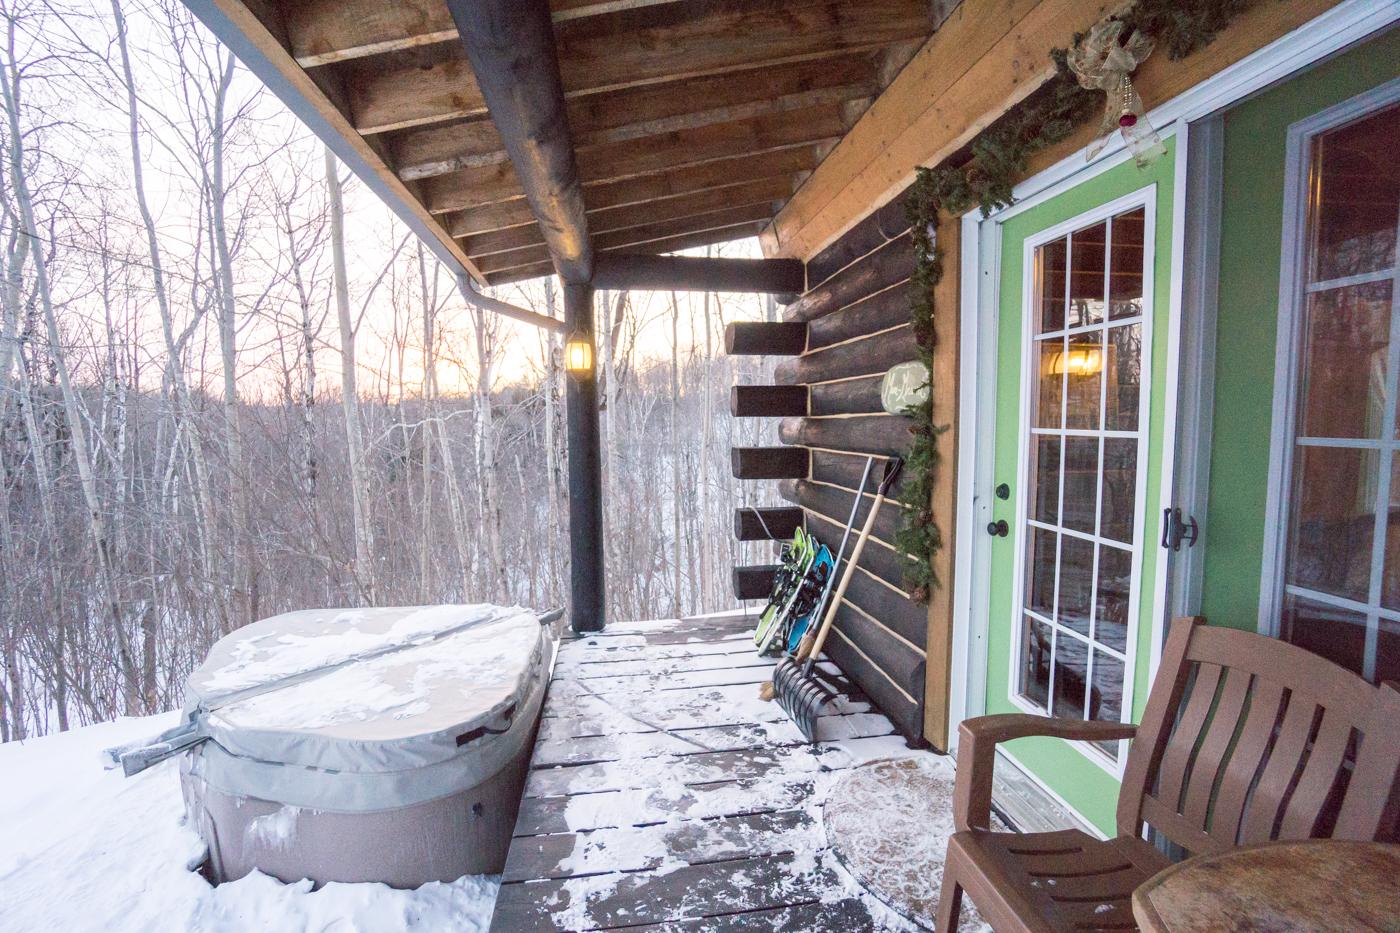 Spa sur le balcon du chalet en hiver - activité d'hiver au Québec